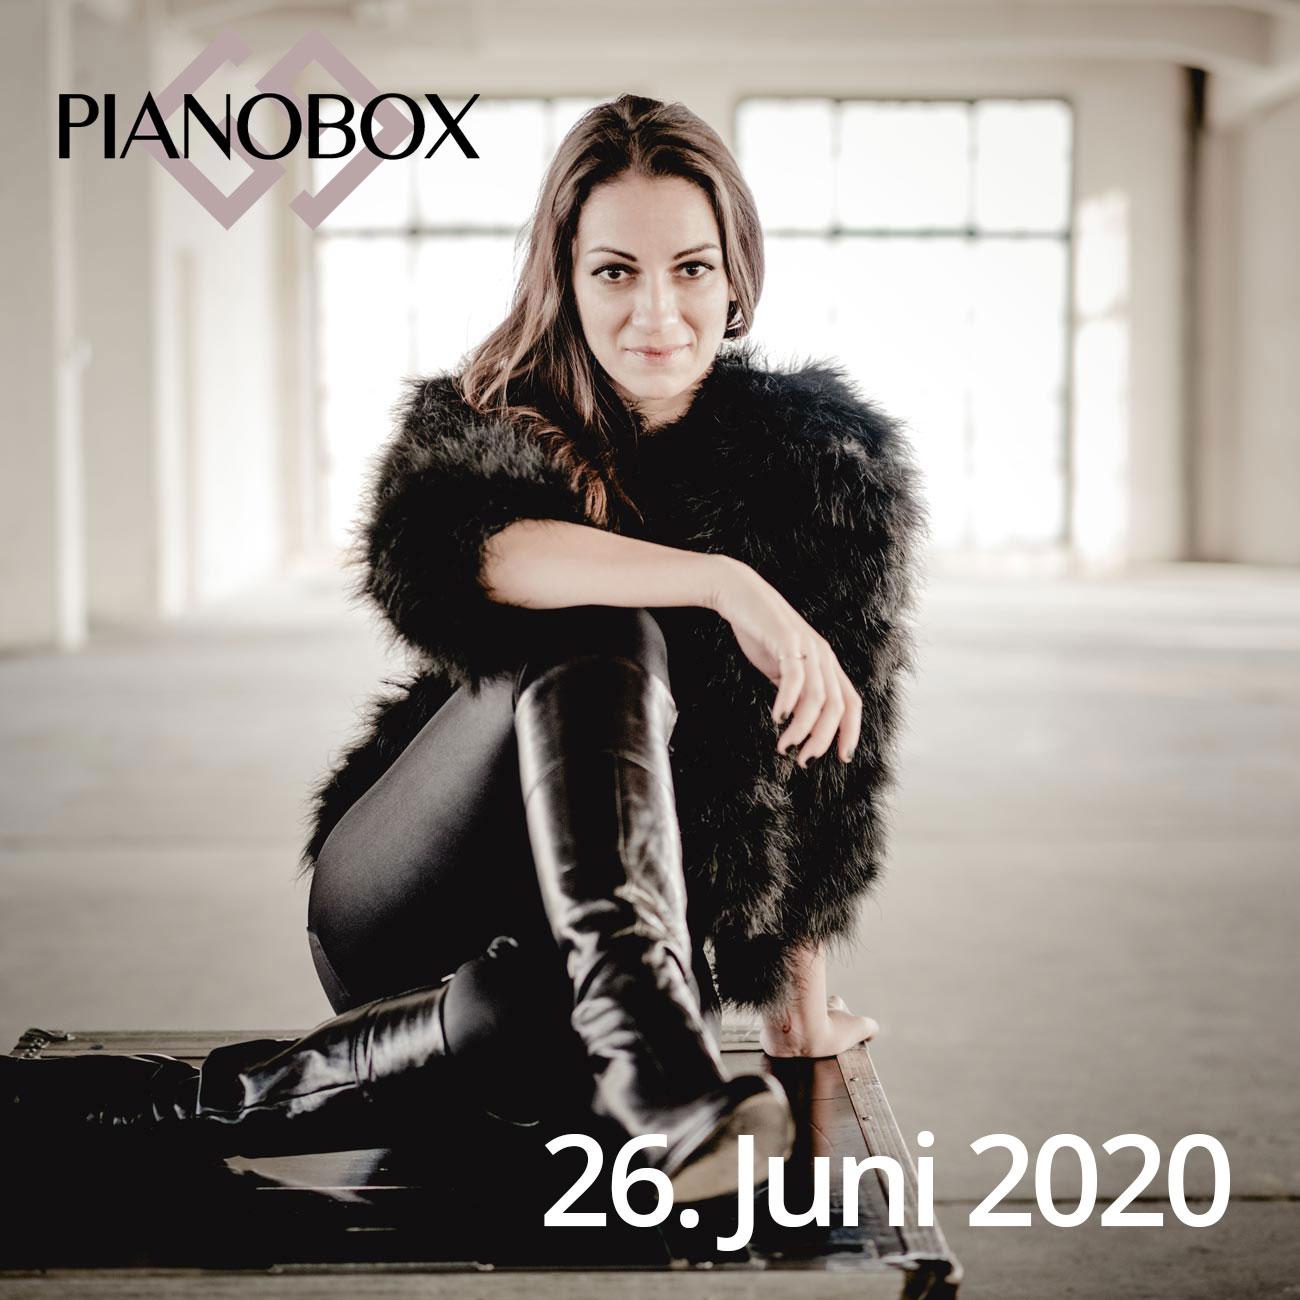 pianobox-26-6-2020